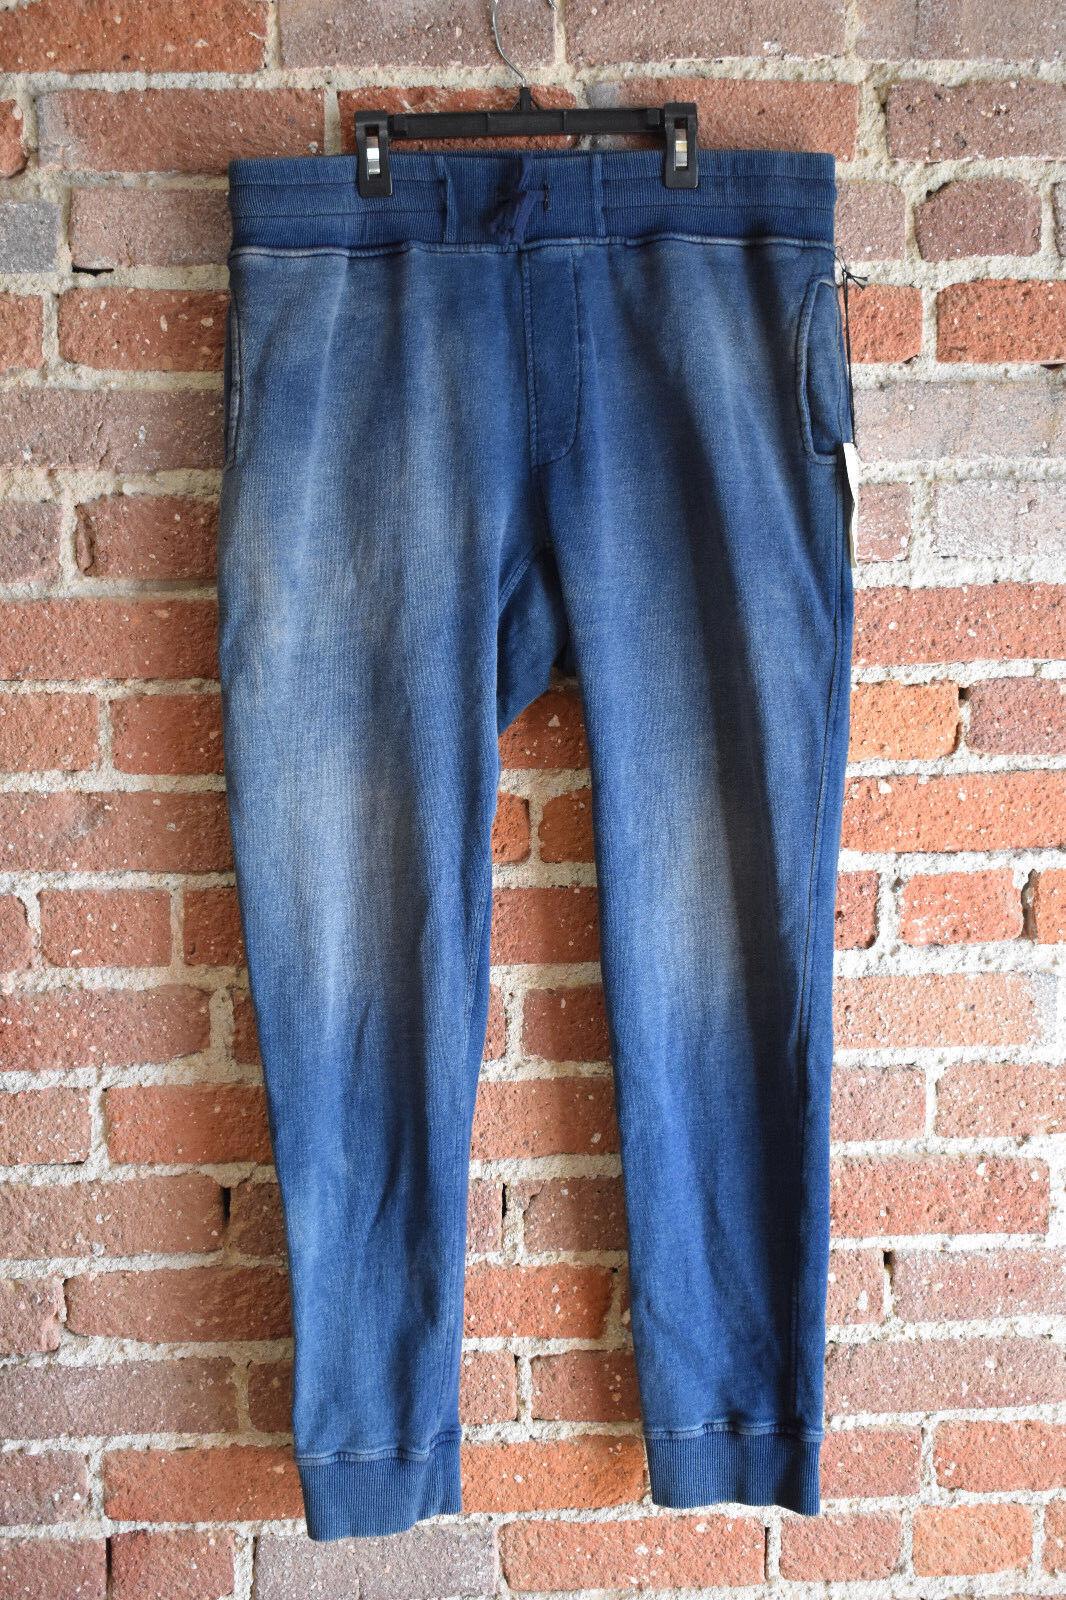 Algodón Citizen Mens Classic Sweatpants Talla L Bolsillo con cremallera  posterior Indigo Nuevo Suave  descuentos y mas